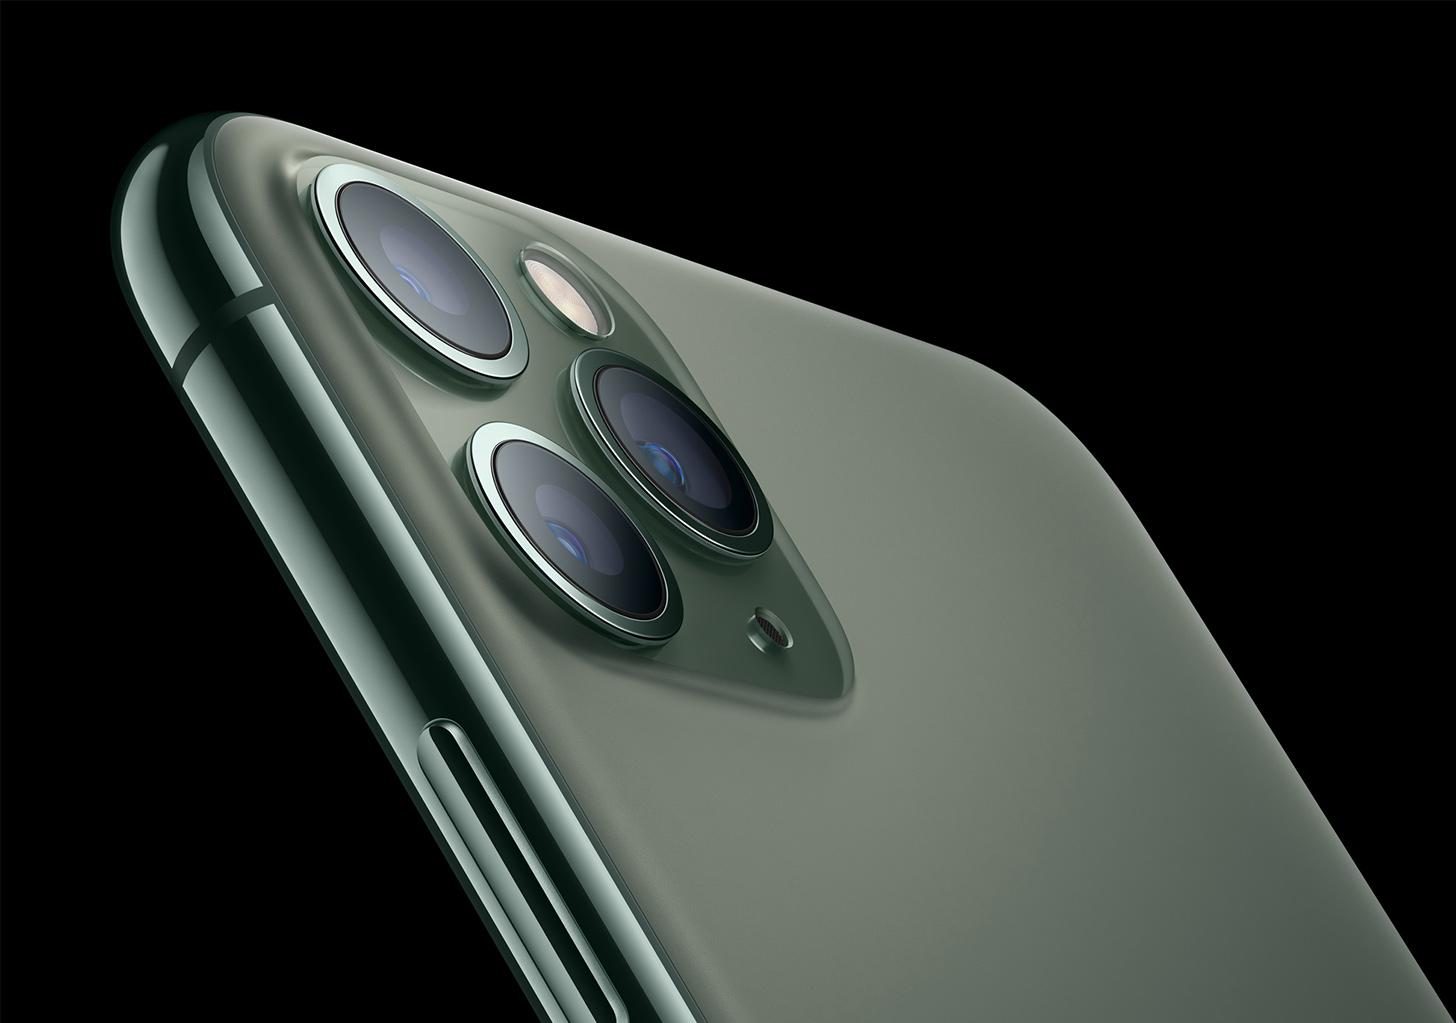 Mode Malam iPhone 11 diperagakan di foto baru